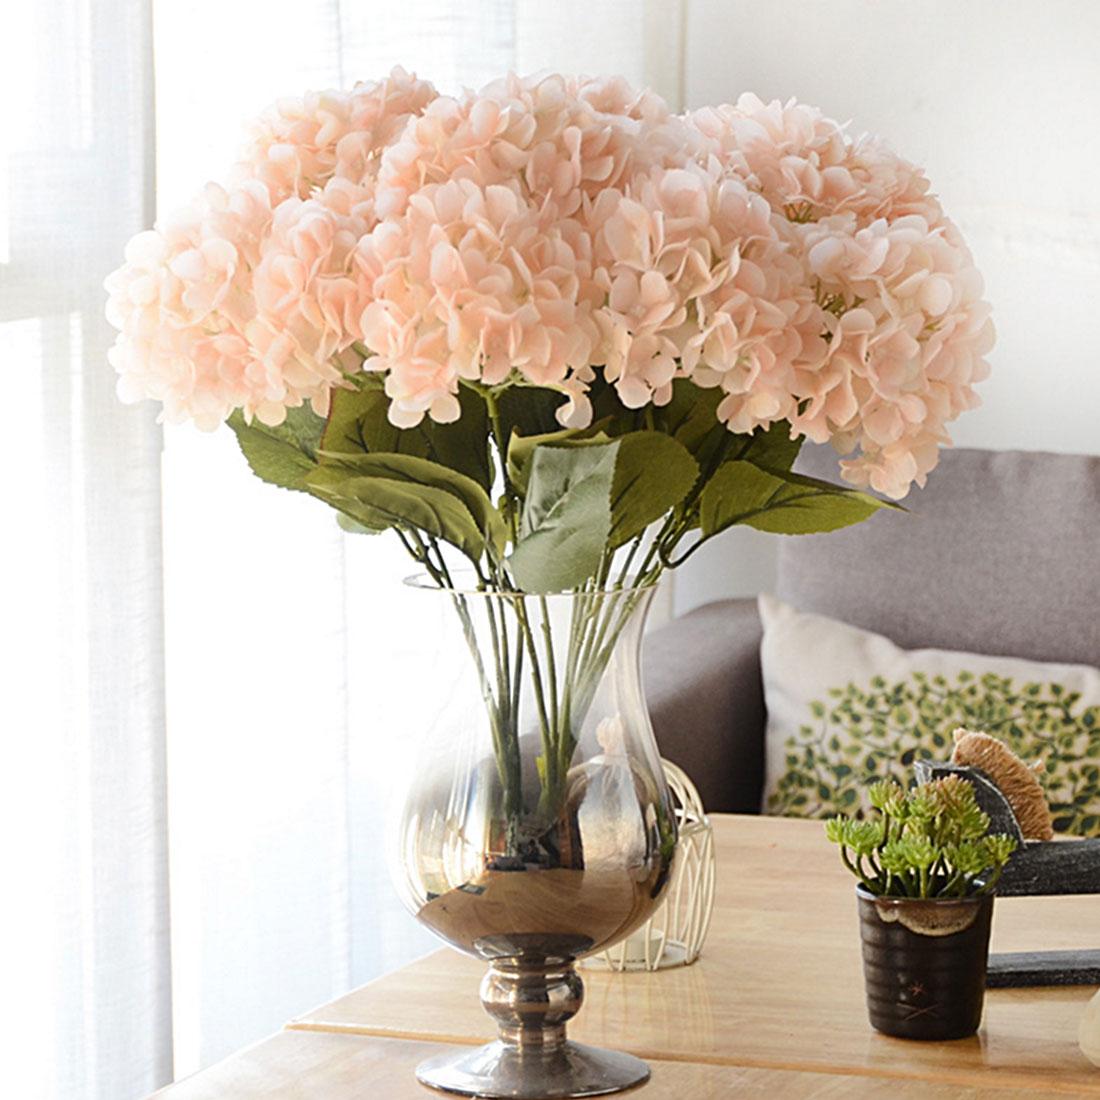 Home Decor Artificial Flower Hydrangea 5 Heads Silk